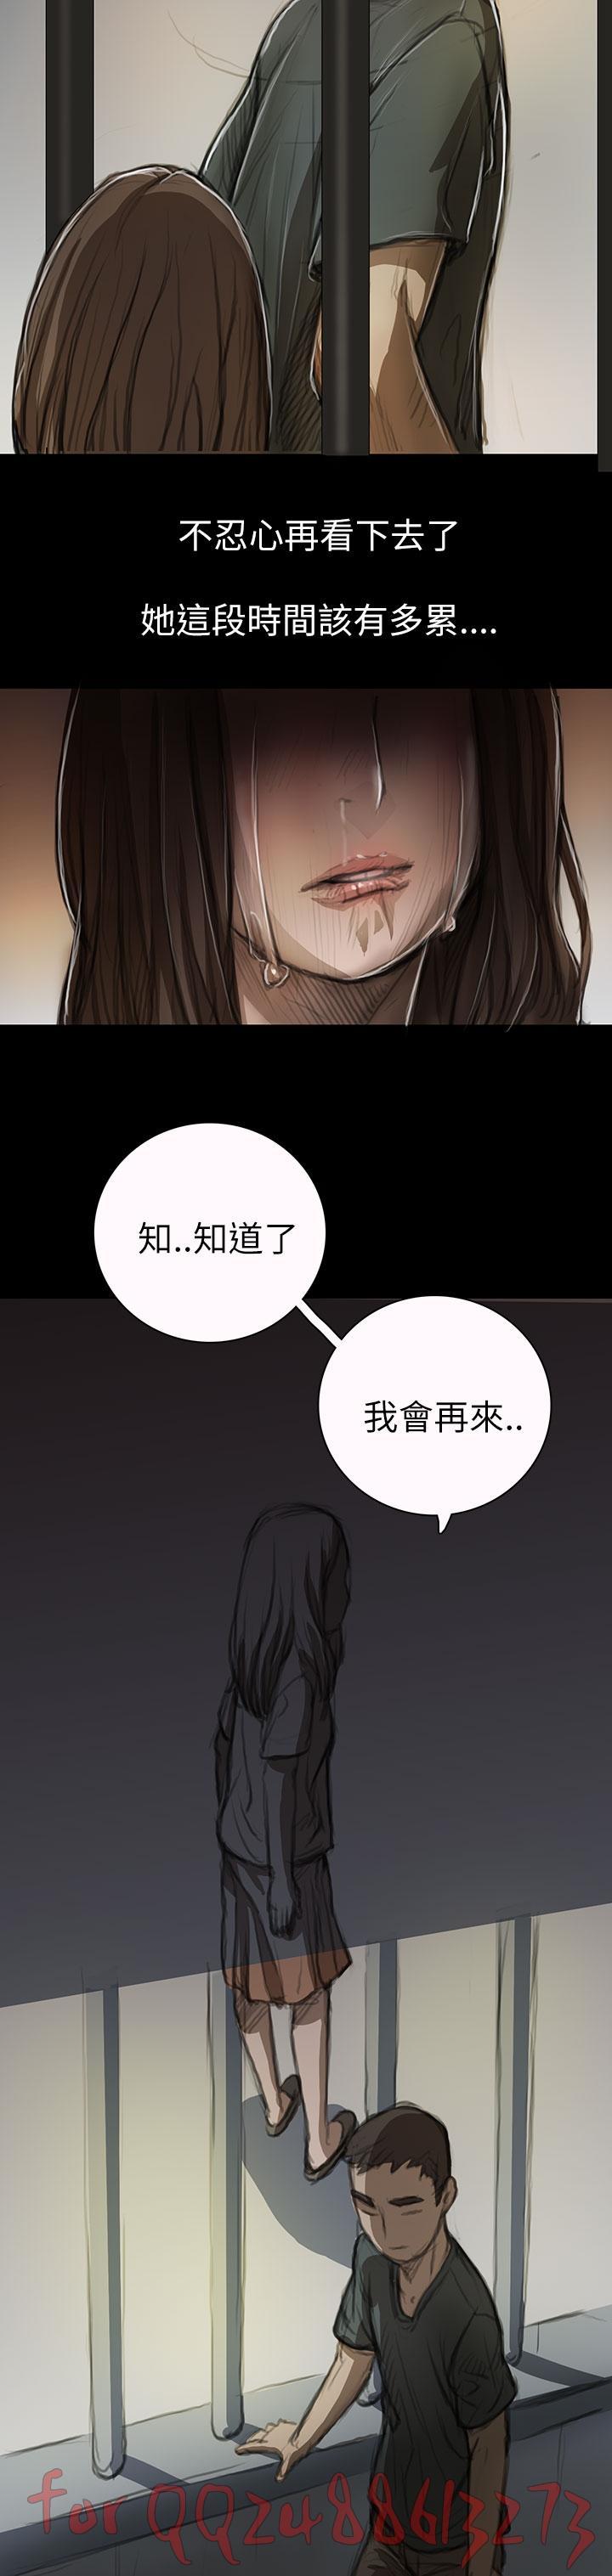 姊姊: 莲 第1~10話 [Chinese]中文 388